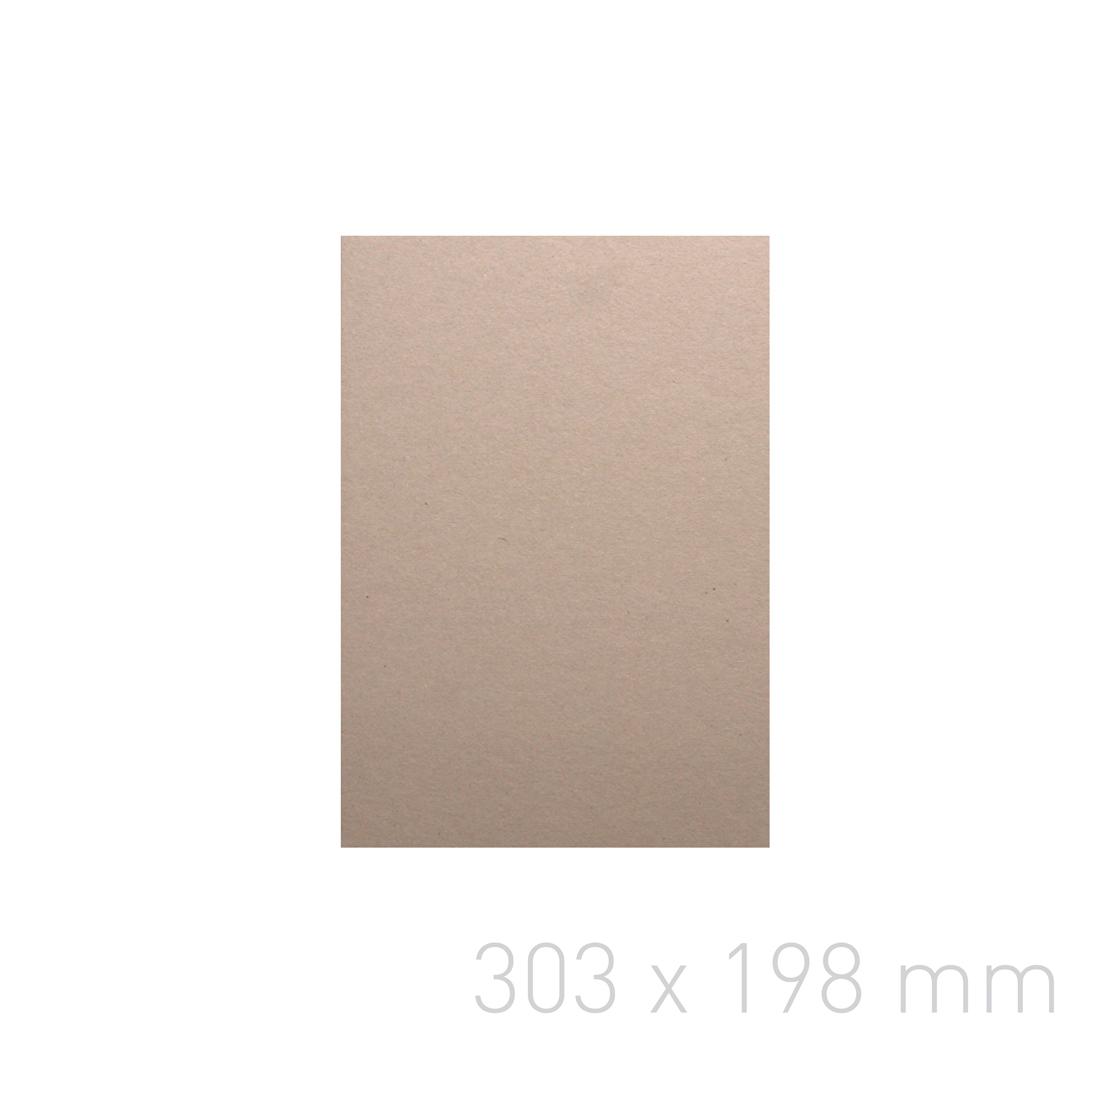 Kartoniki do okładek indywidualnych - O.greyBOARD POBC 2,2 x 303 x 198 mm (A4 orientacja pionowa) - 100 sztuk